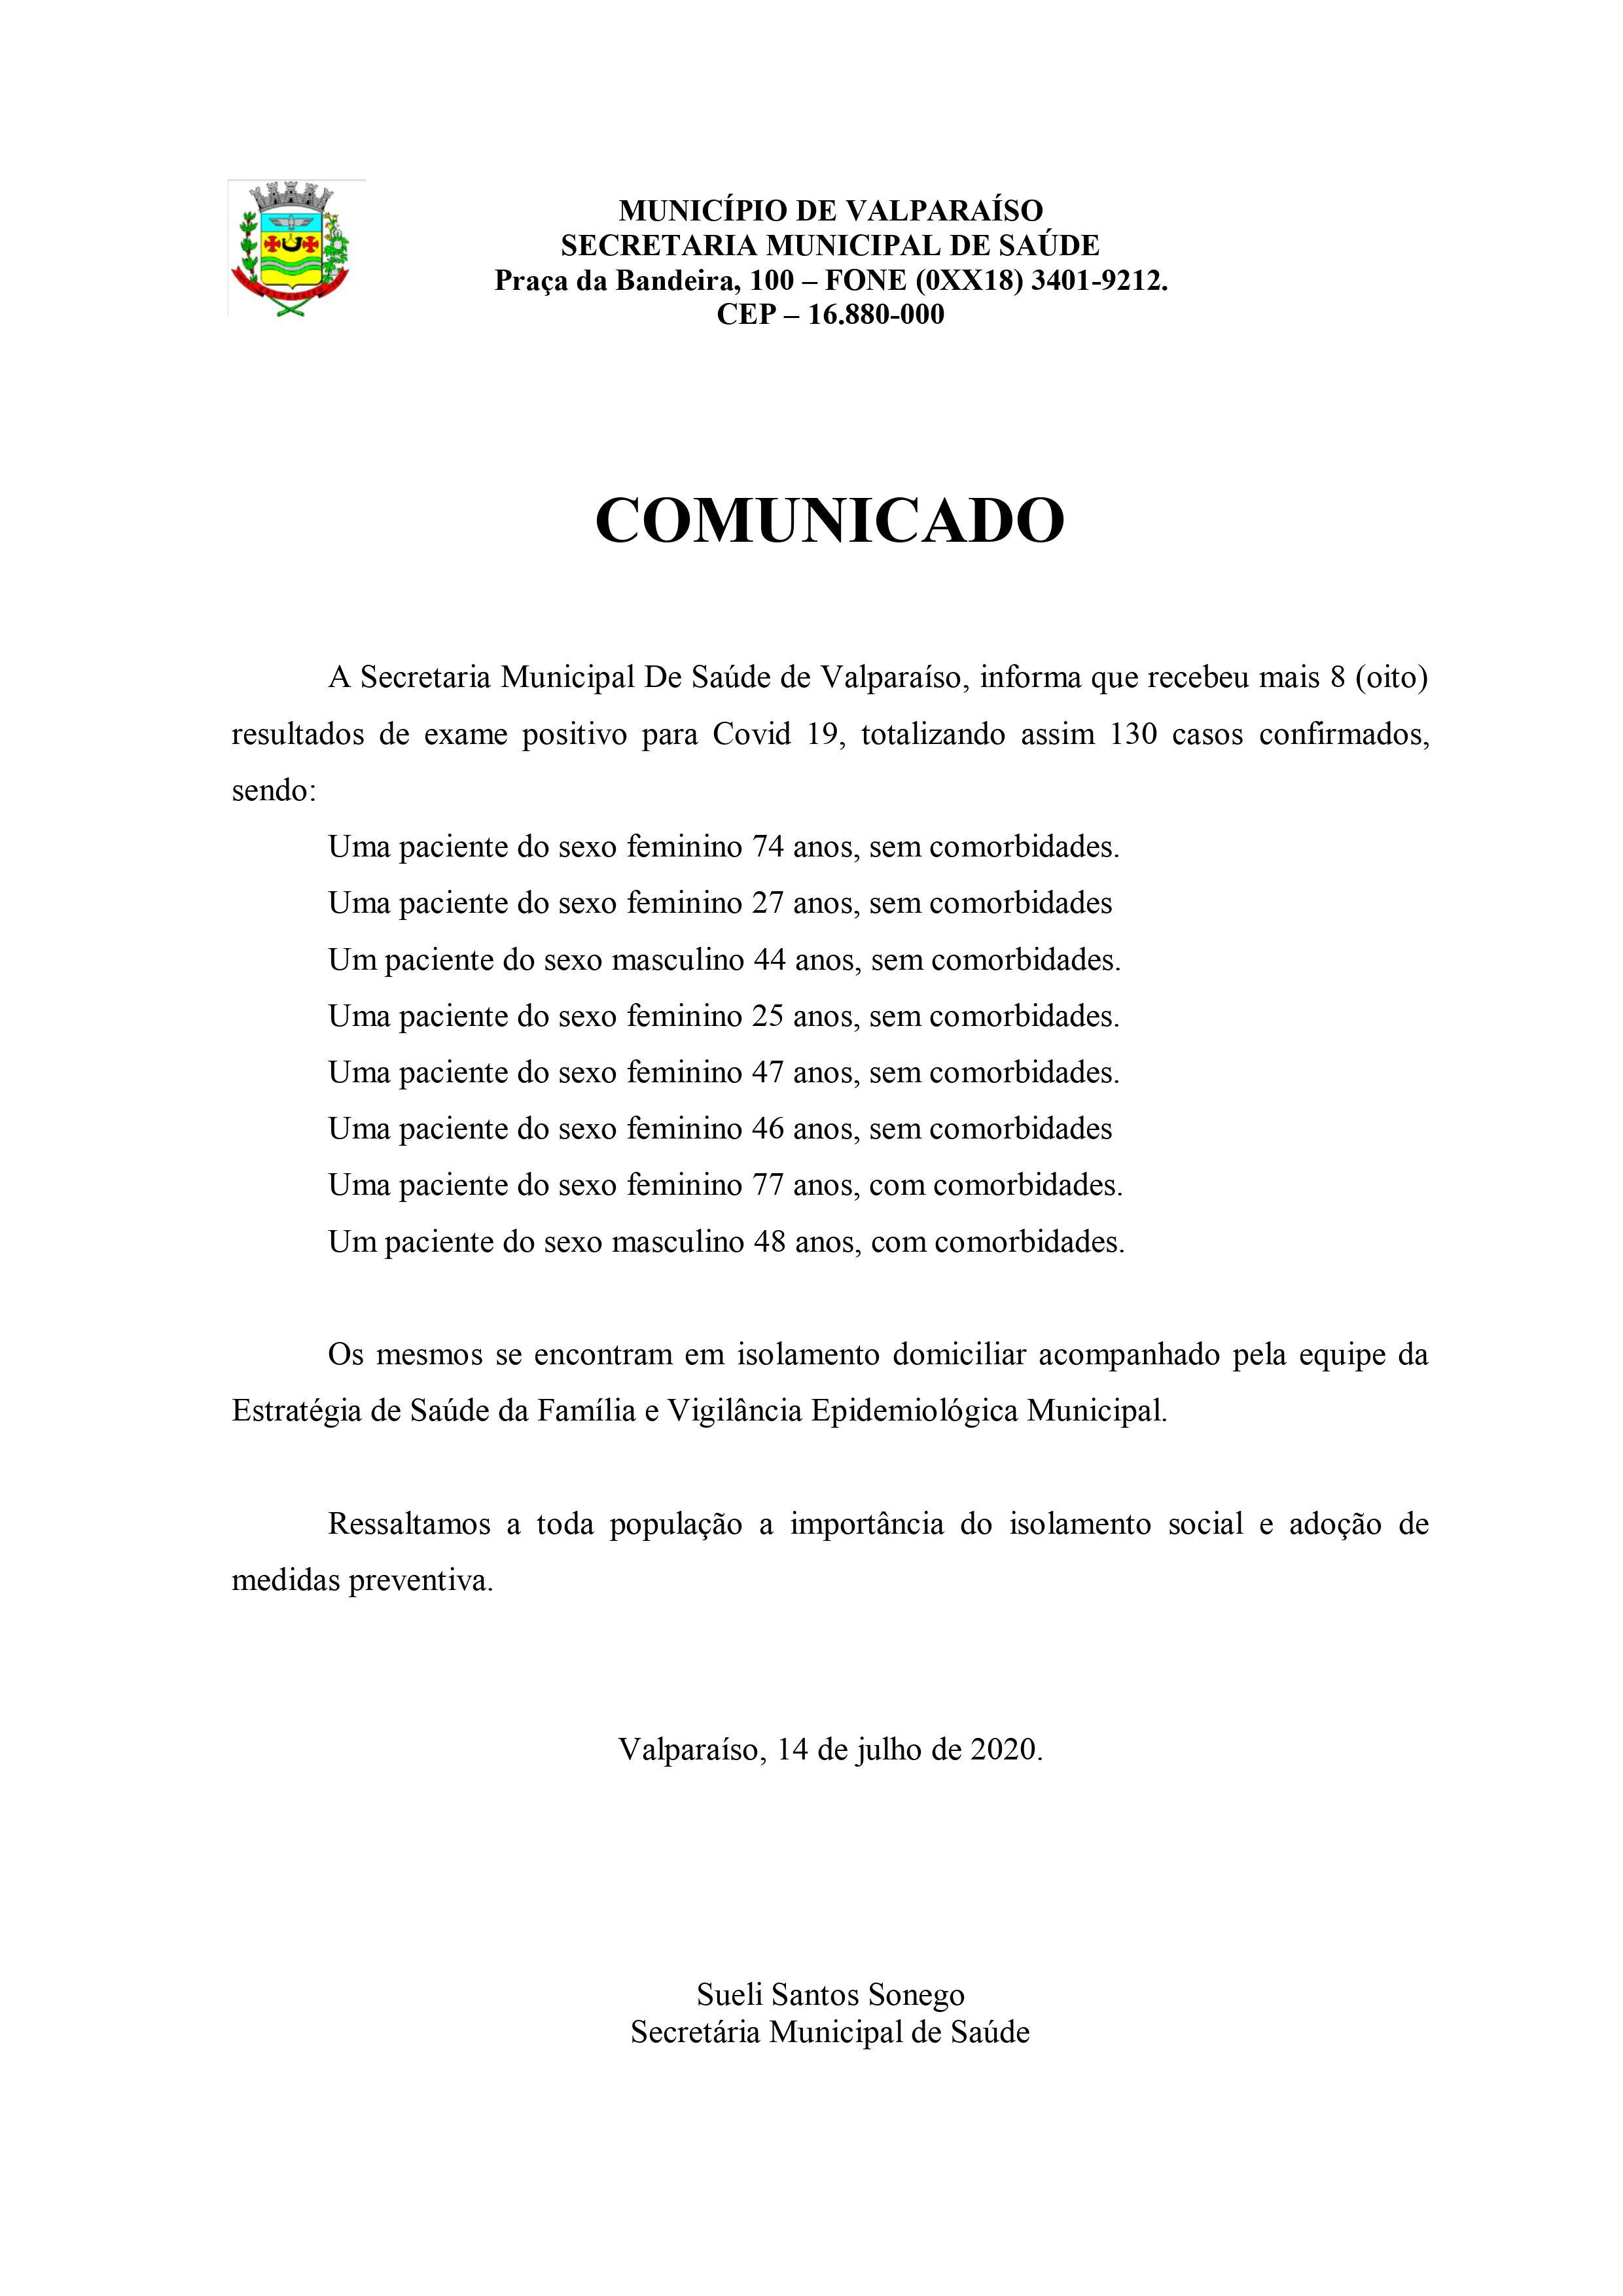 covid130